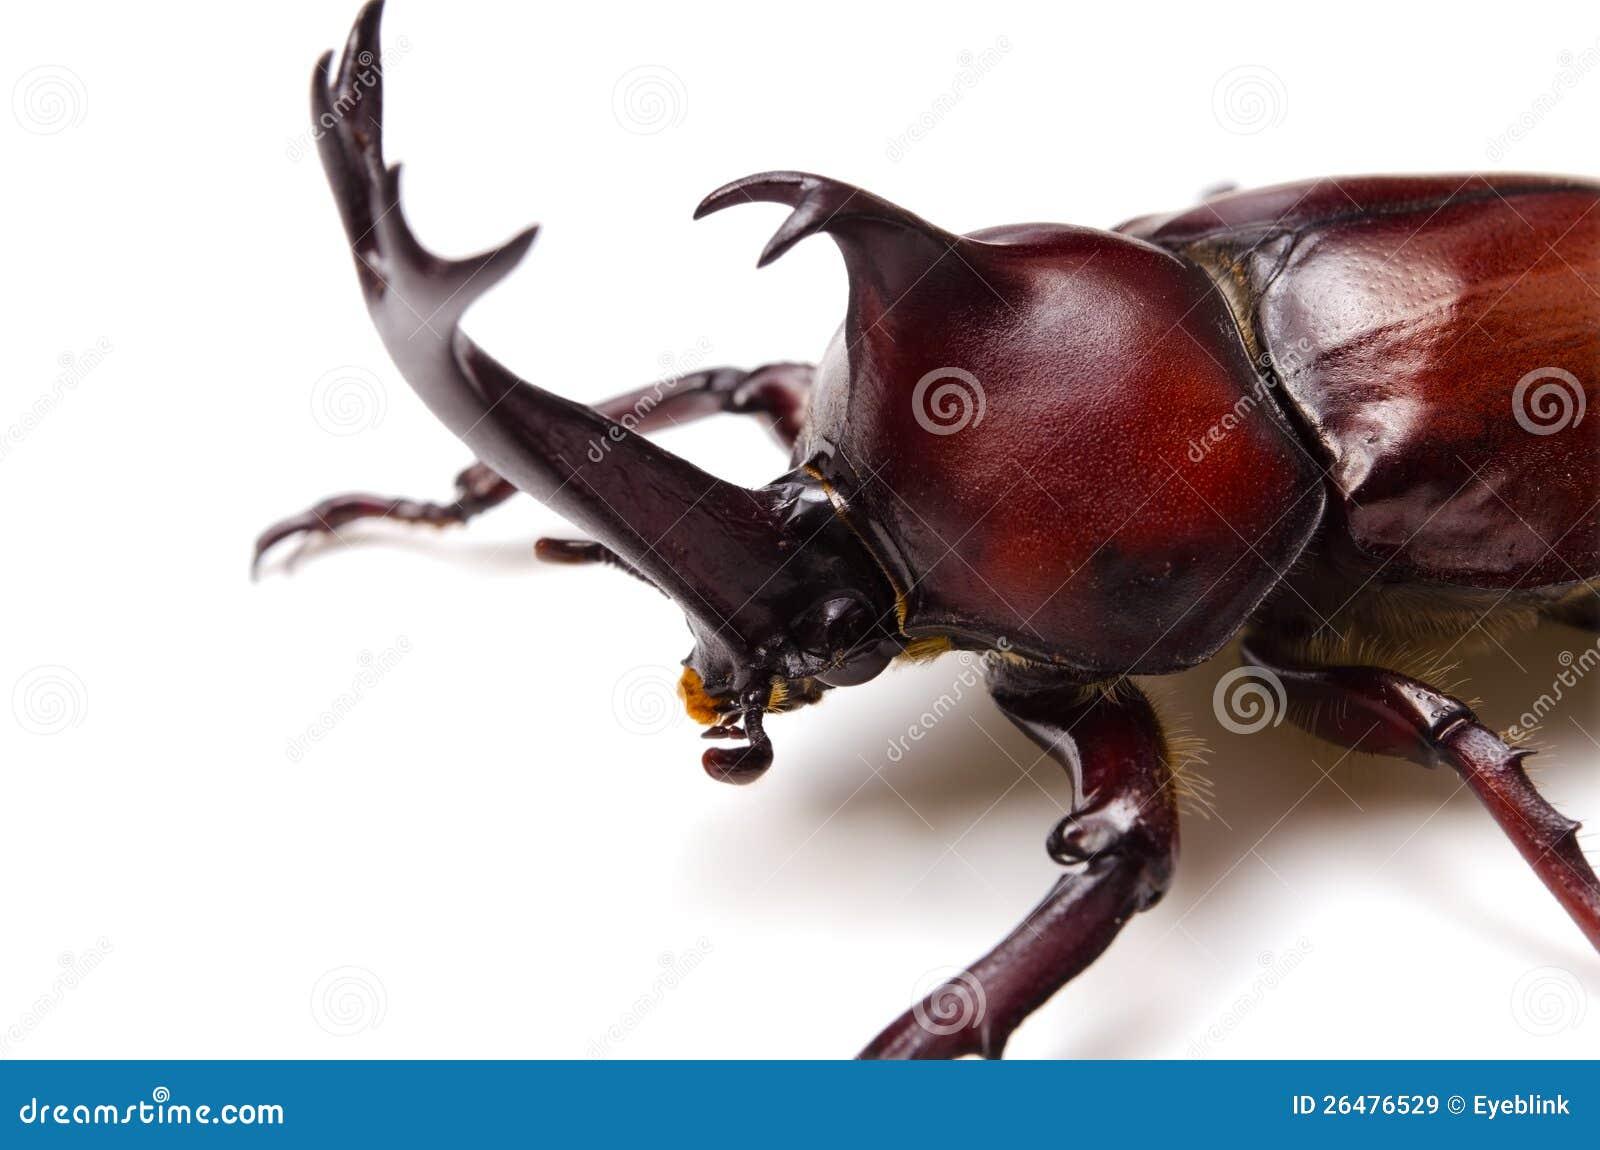 Japanese rhinoceros beetle stock image  Image of hexapod